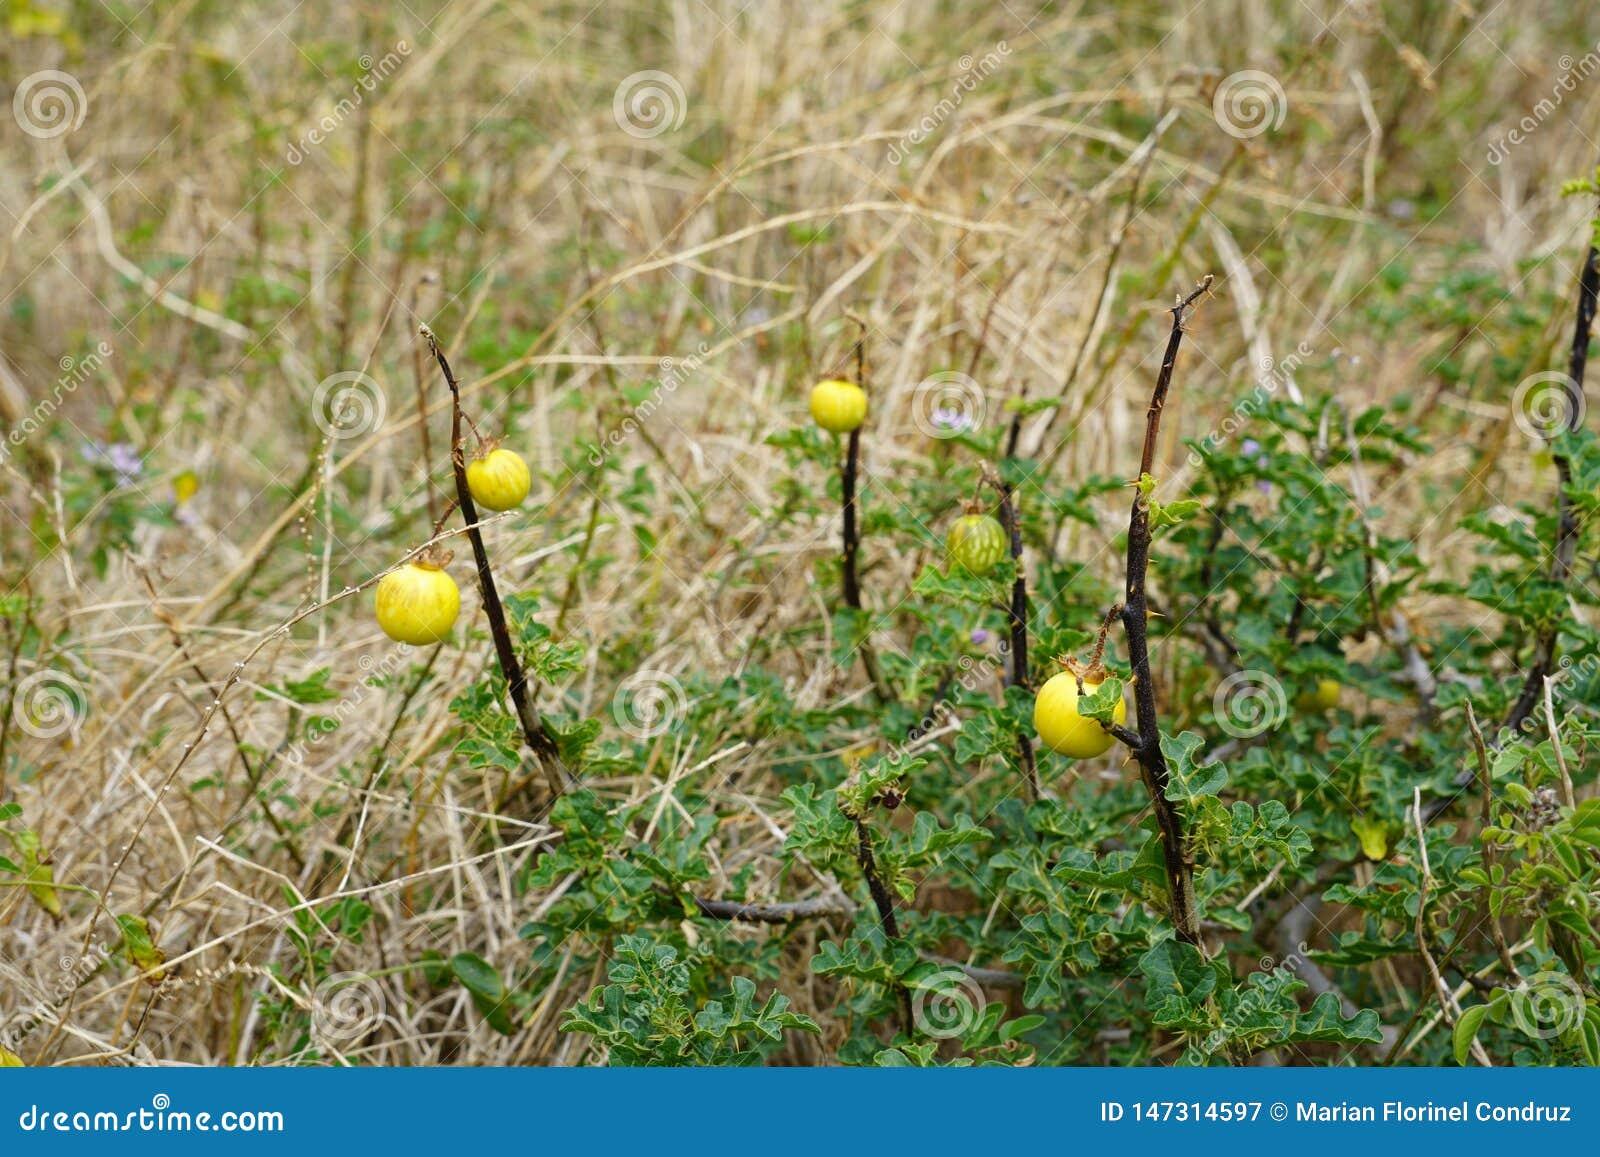 Stäng sig upp med specifik vegetation för madeiran